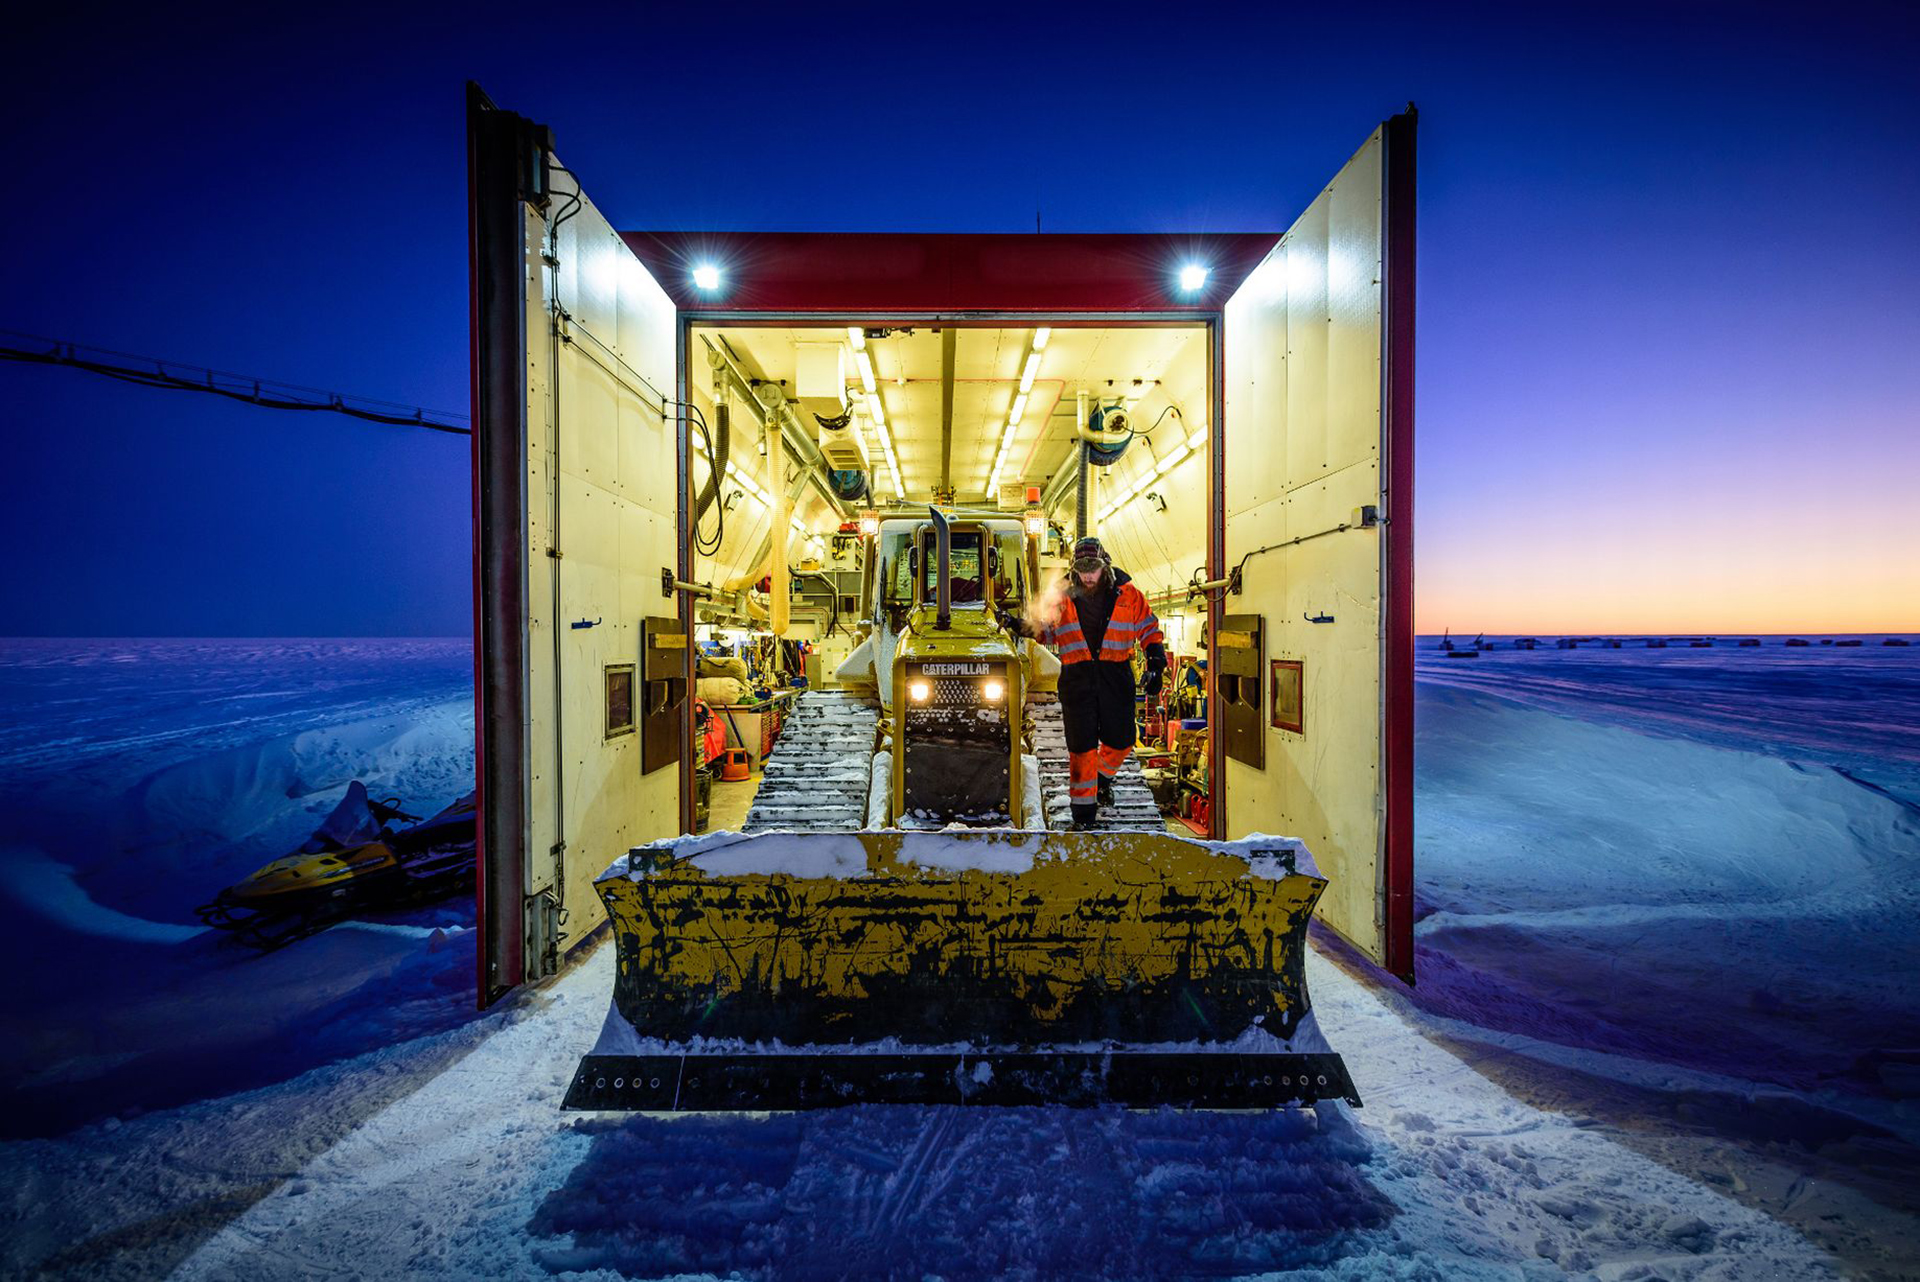 La maquinaria que se utiliza en la Antártida debe ser continuamente revisada. Se mantiene en lugares cubiertos con calefacción específica para que sus componentes no se vean afectados por las condiciones climáticas